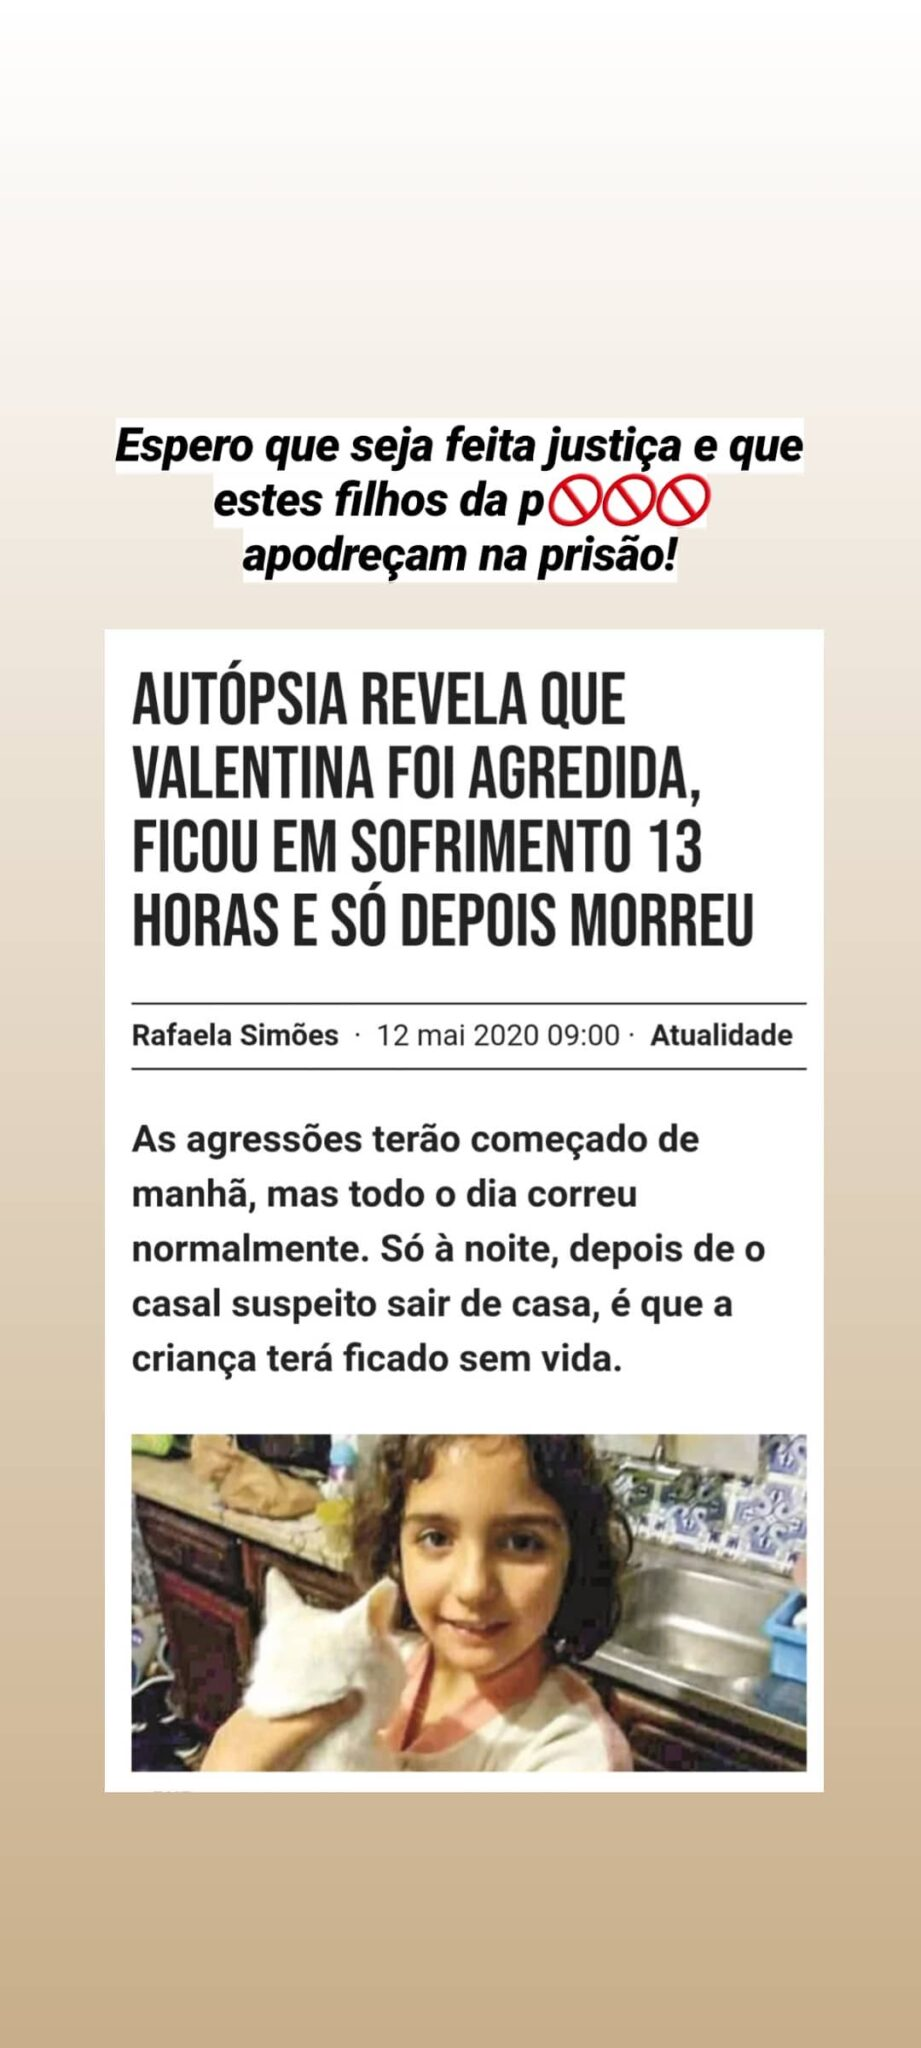 Luis Borges Valentina Scaled Caso Valentina. Luís Borges Revoltado: &Quot;Que Estes Filhos Da P*** Apodreçam Na Prisão!&Quot;